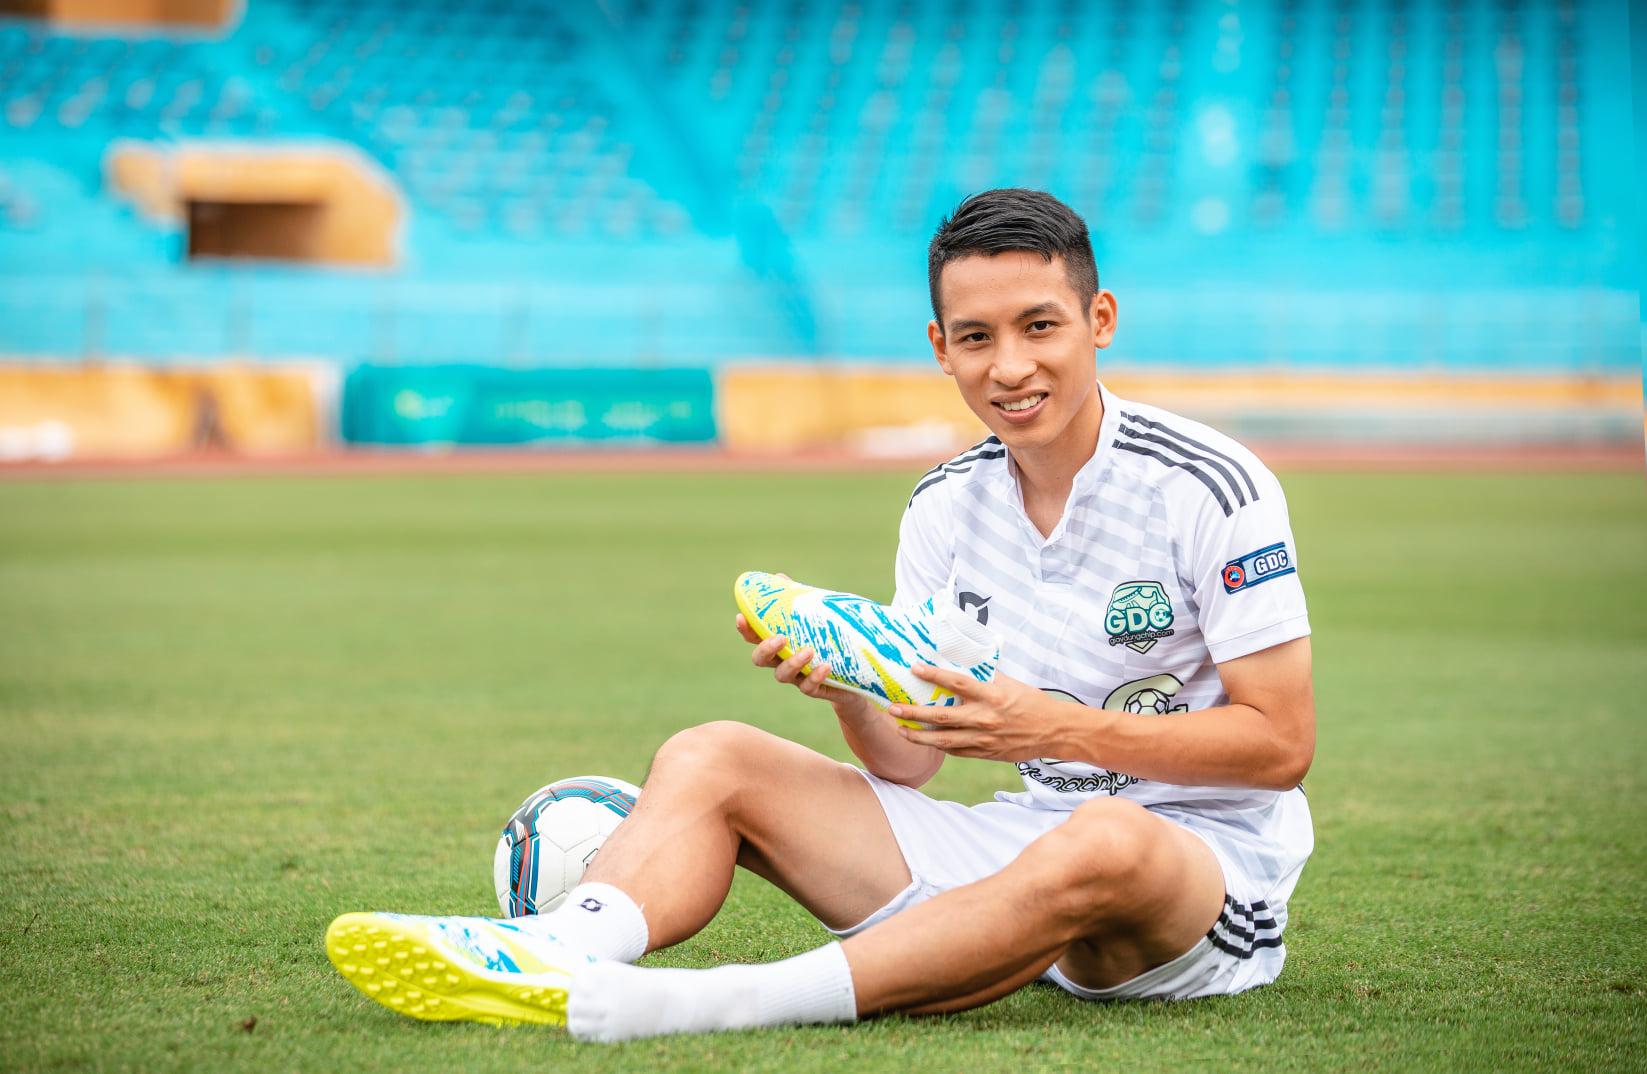 5 cầu thủ Việt Nam vừa đá bóng giỏi vừa kinh doanh hay - Ảnh 5.